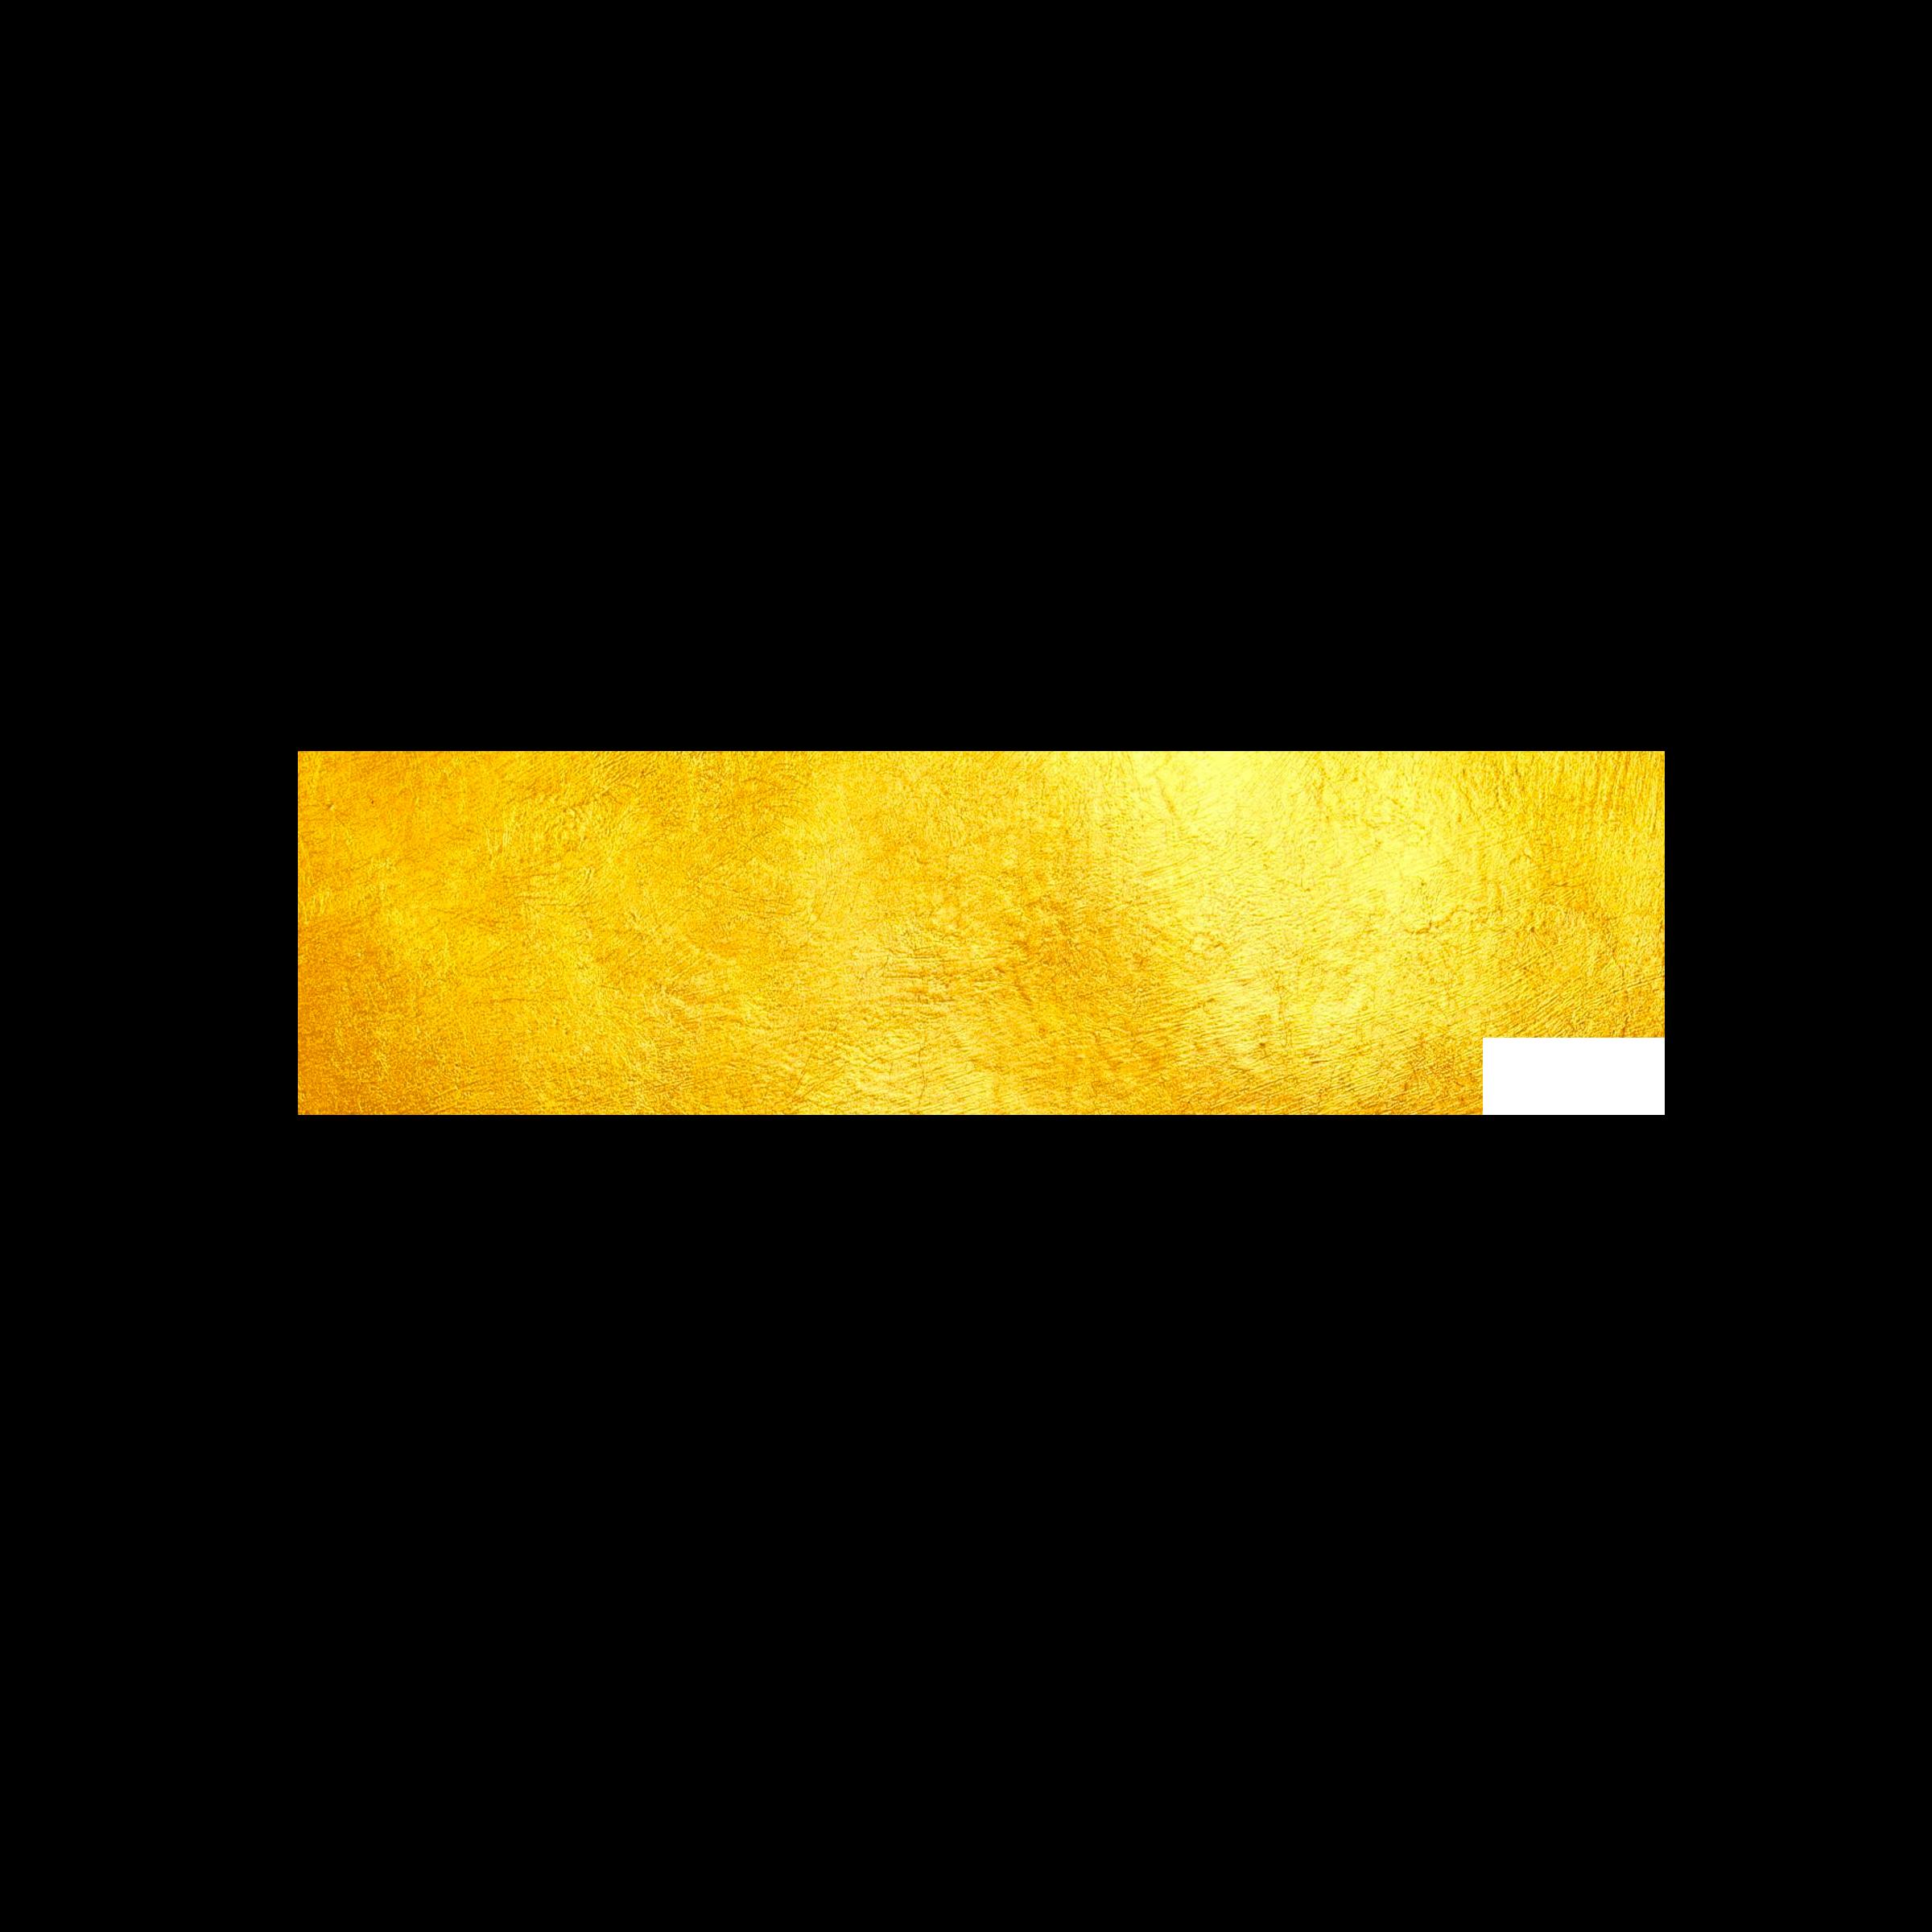 Malaika-NewLogo Gold and TP BG.png